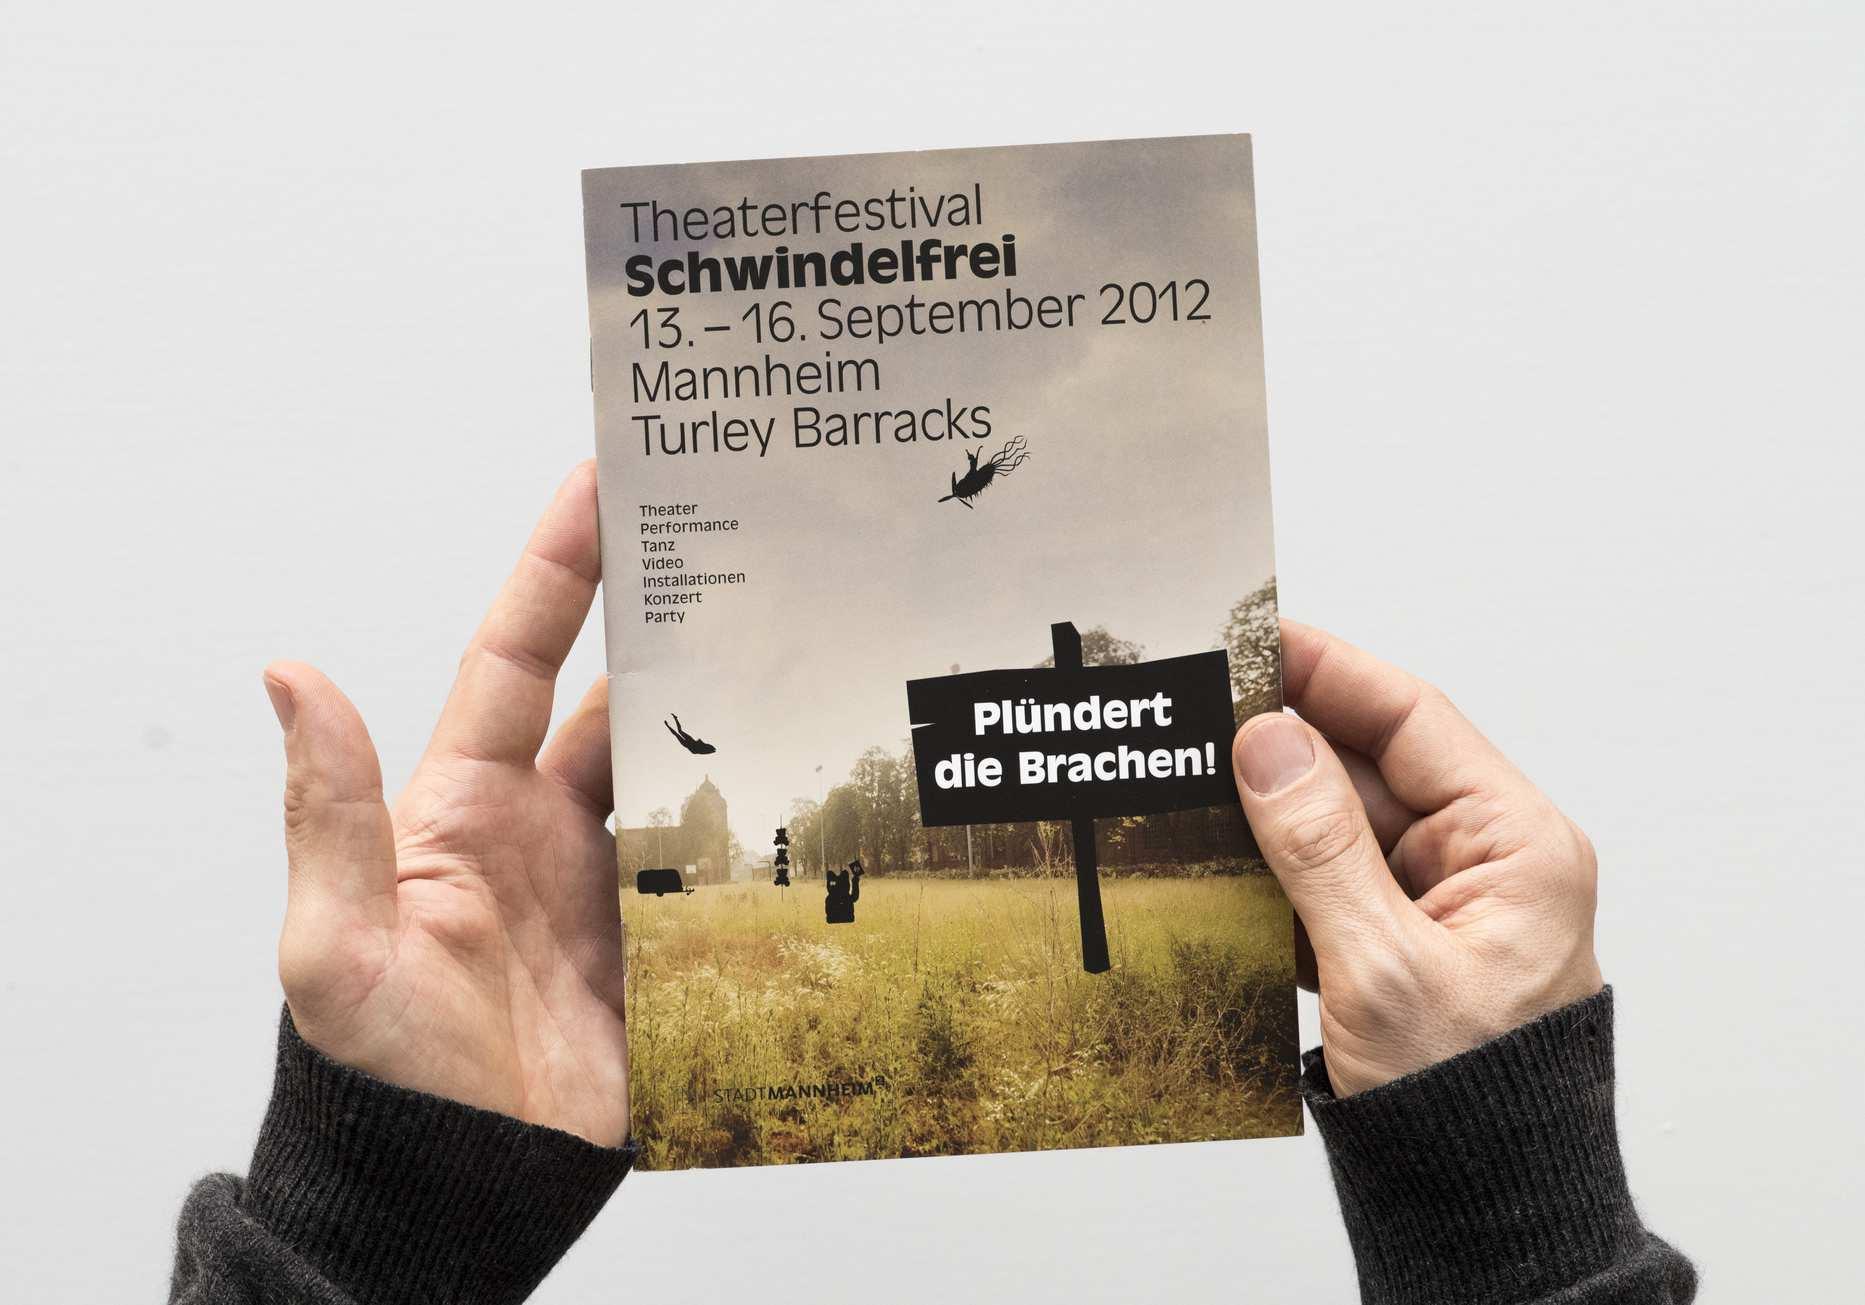 theatre-festival-schwindelfrei-program-1-1865x1305px